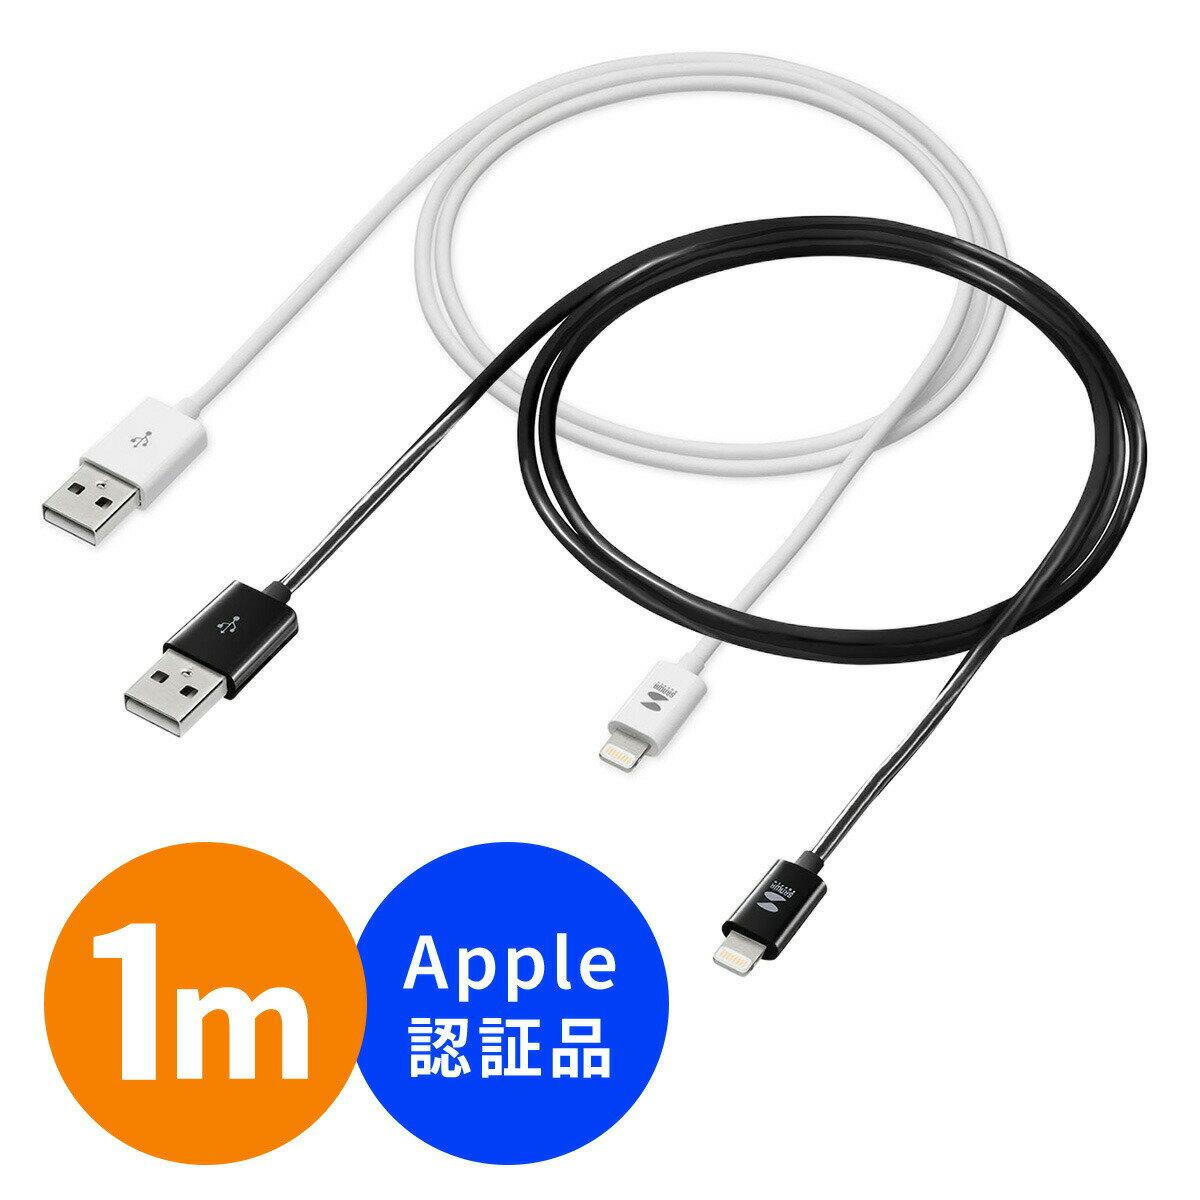 【ネコポス専用】ライトニングケーブル(Apple MFi認証品・充電・同期・Lightning・1m)[500-IPLM011]【サンワダイレクト限定品】【今だけ送料無料!】